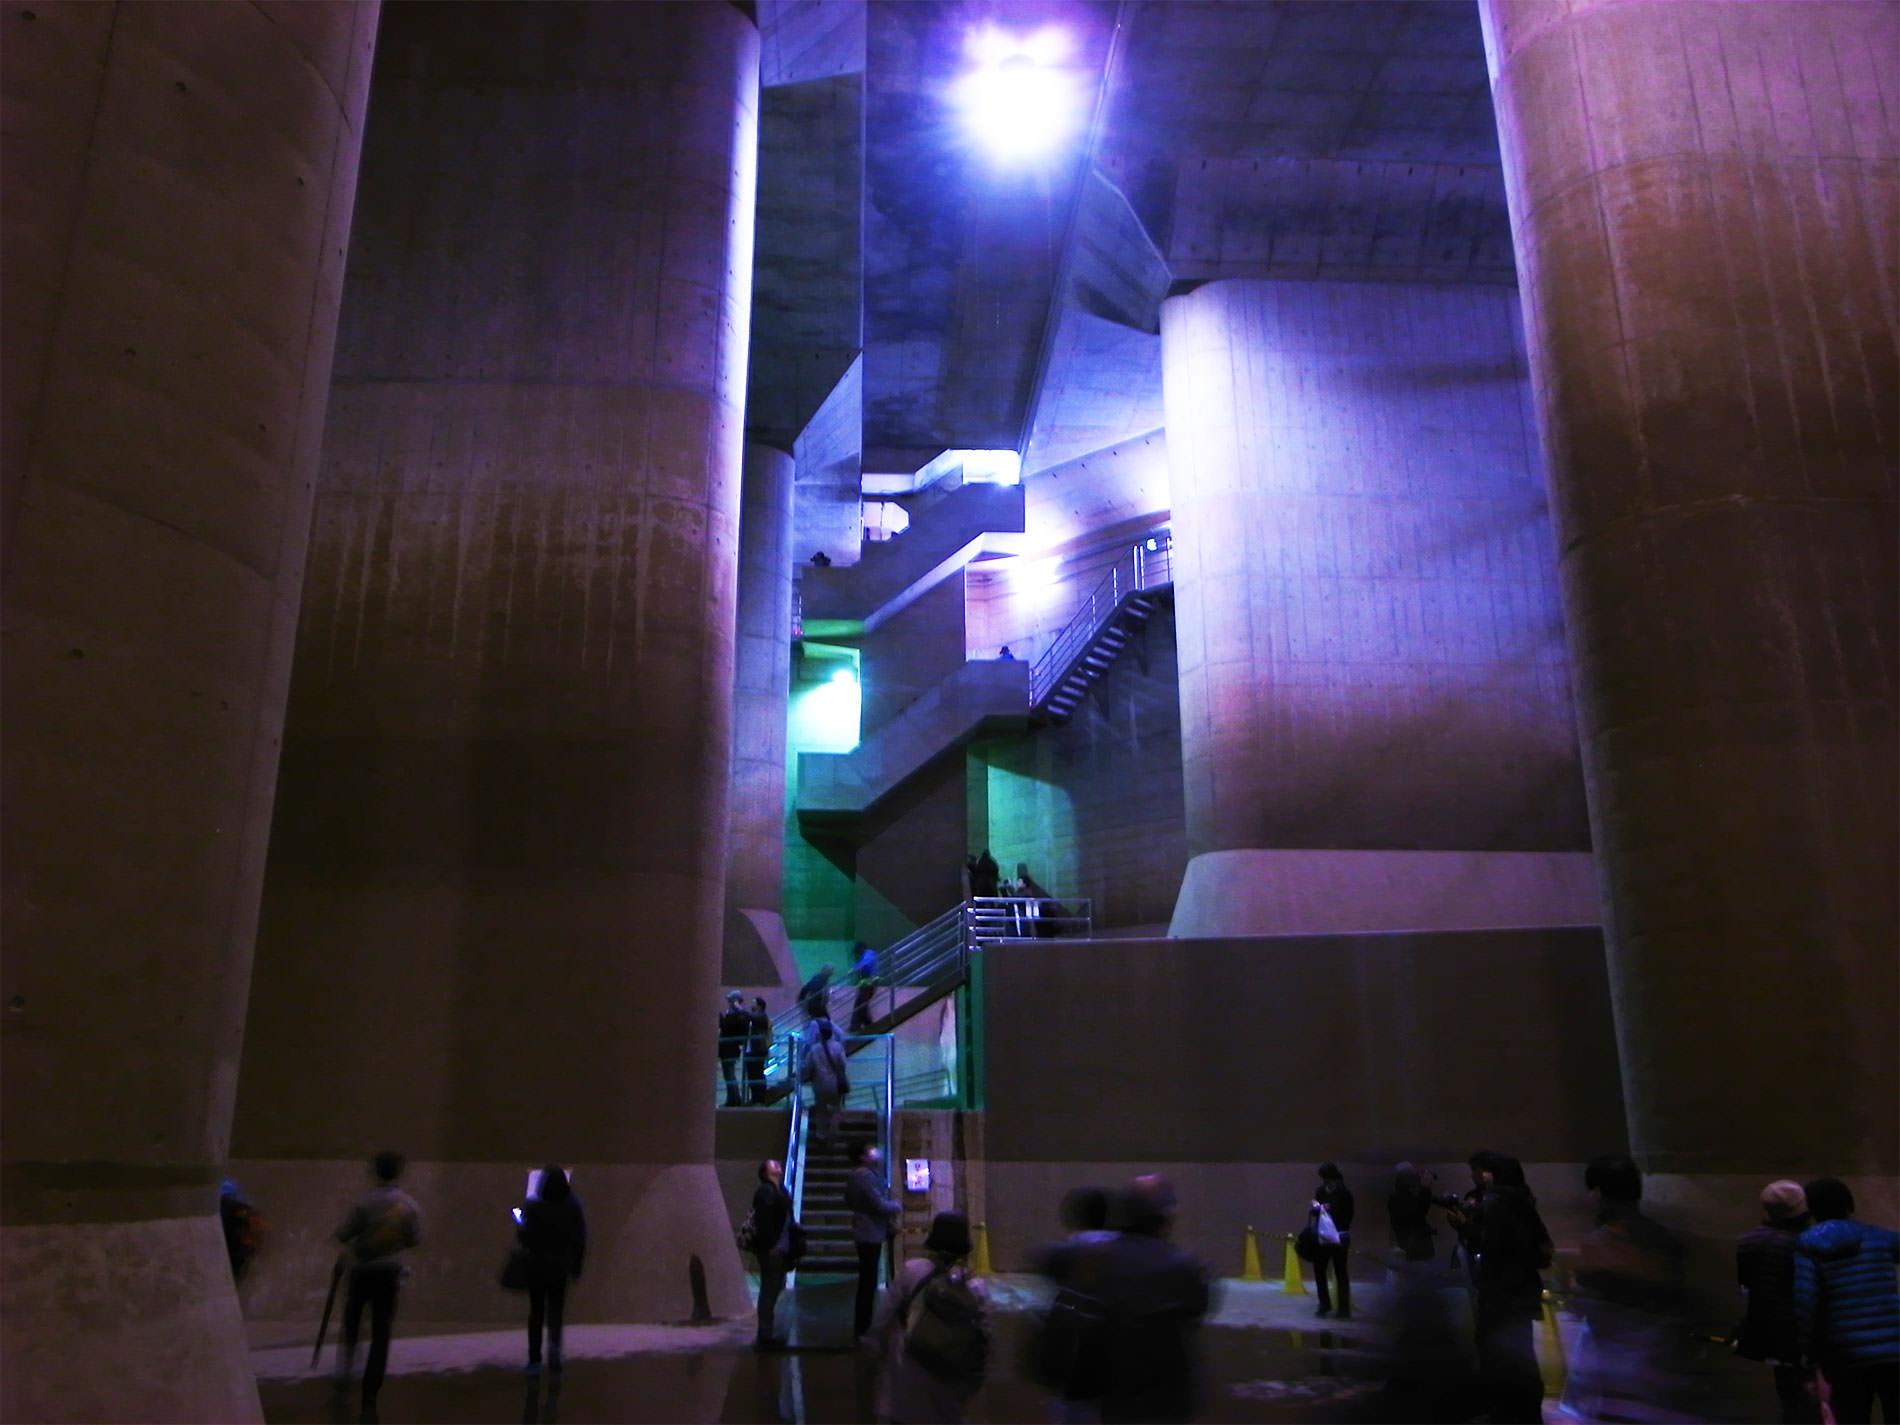 首都圏外郭放水路 / 庄和排水機場見学 / 2015年11月